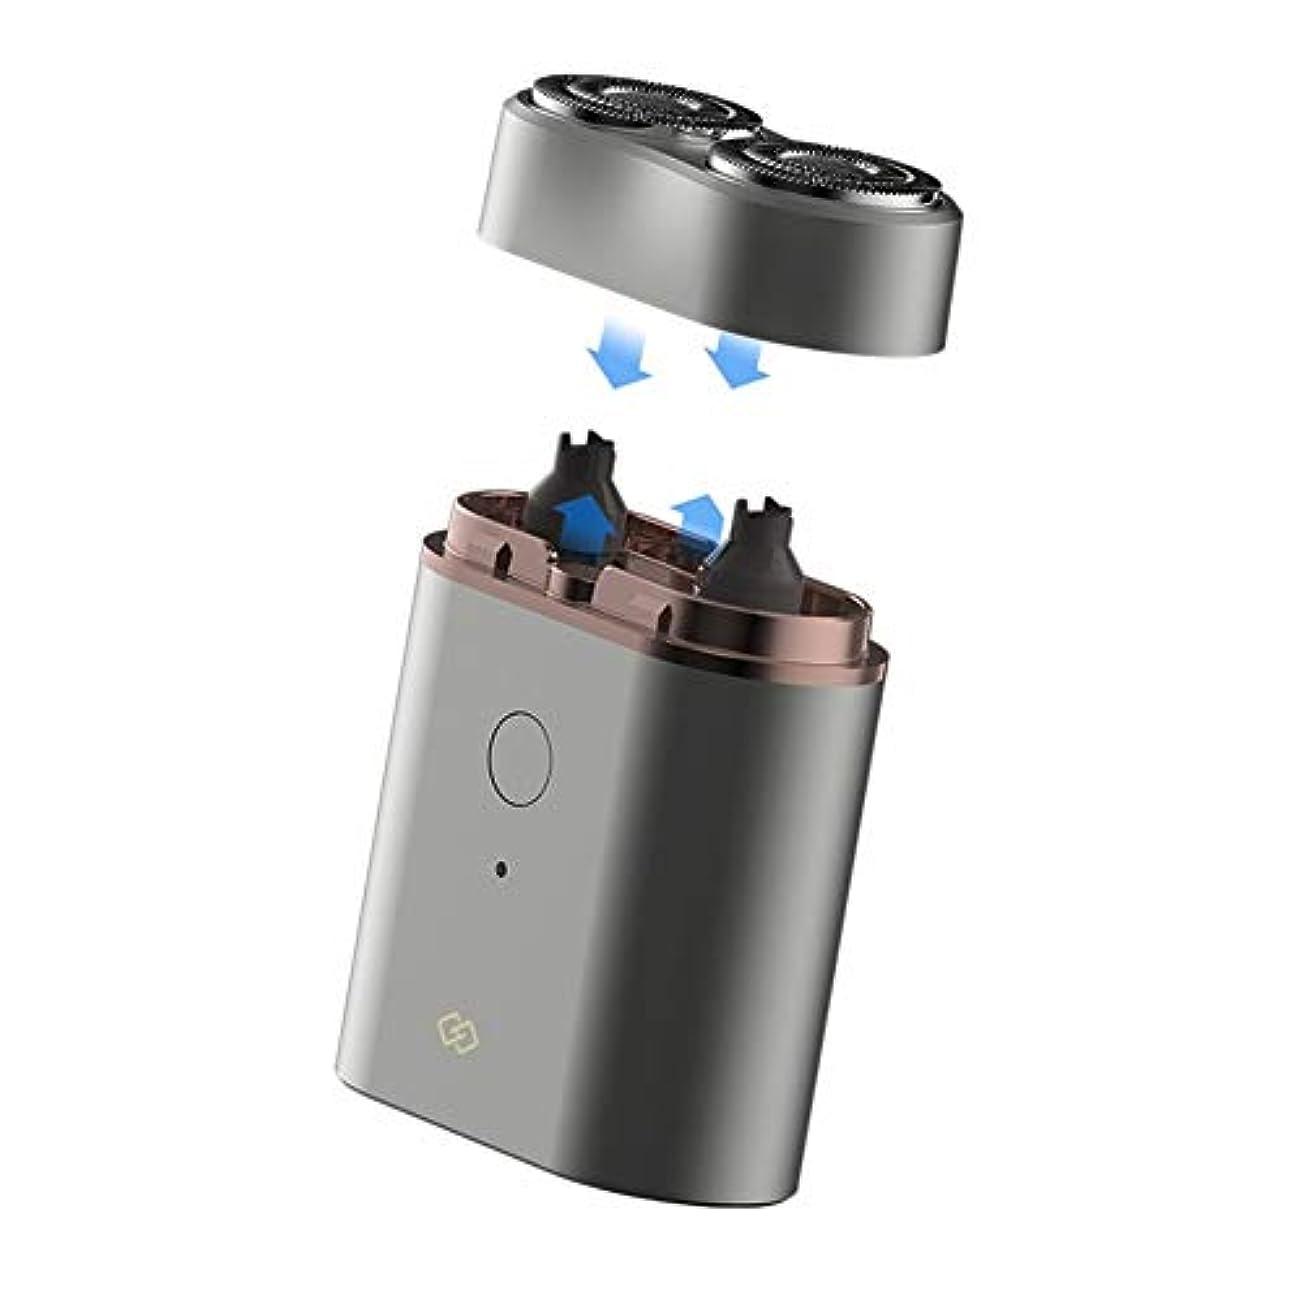 宝悲観主義者プレフィックスPusaman 男性ミニ電気シェーバー、タッチ式の充電式、ボディウォッシュ小型ポータブルシェーバー (Color : Gray)